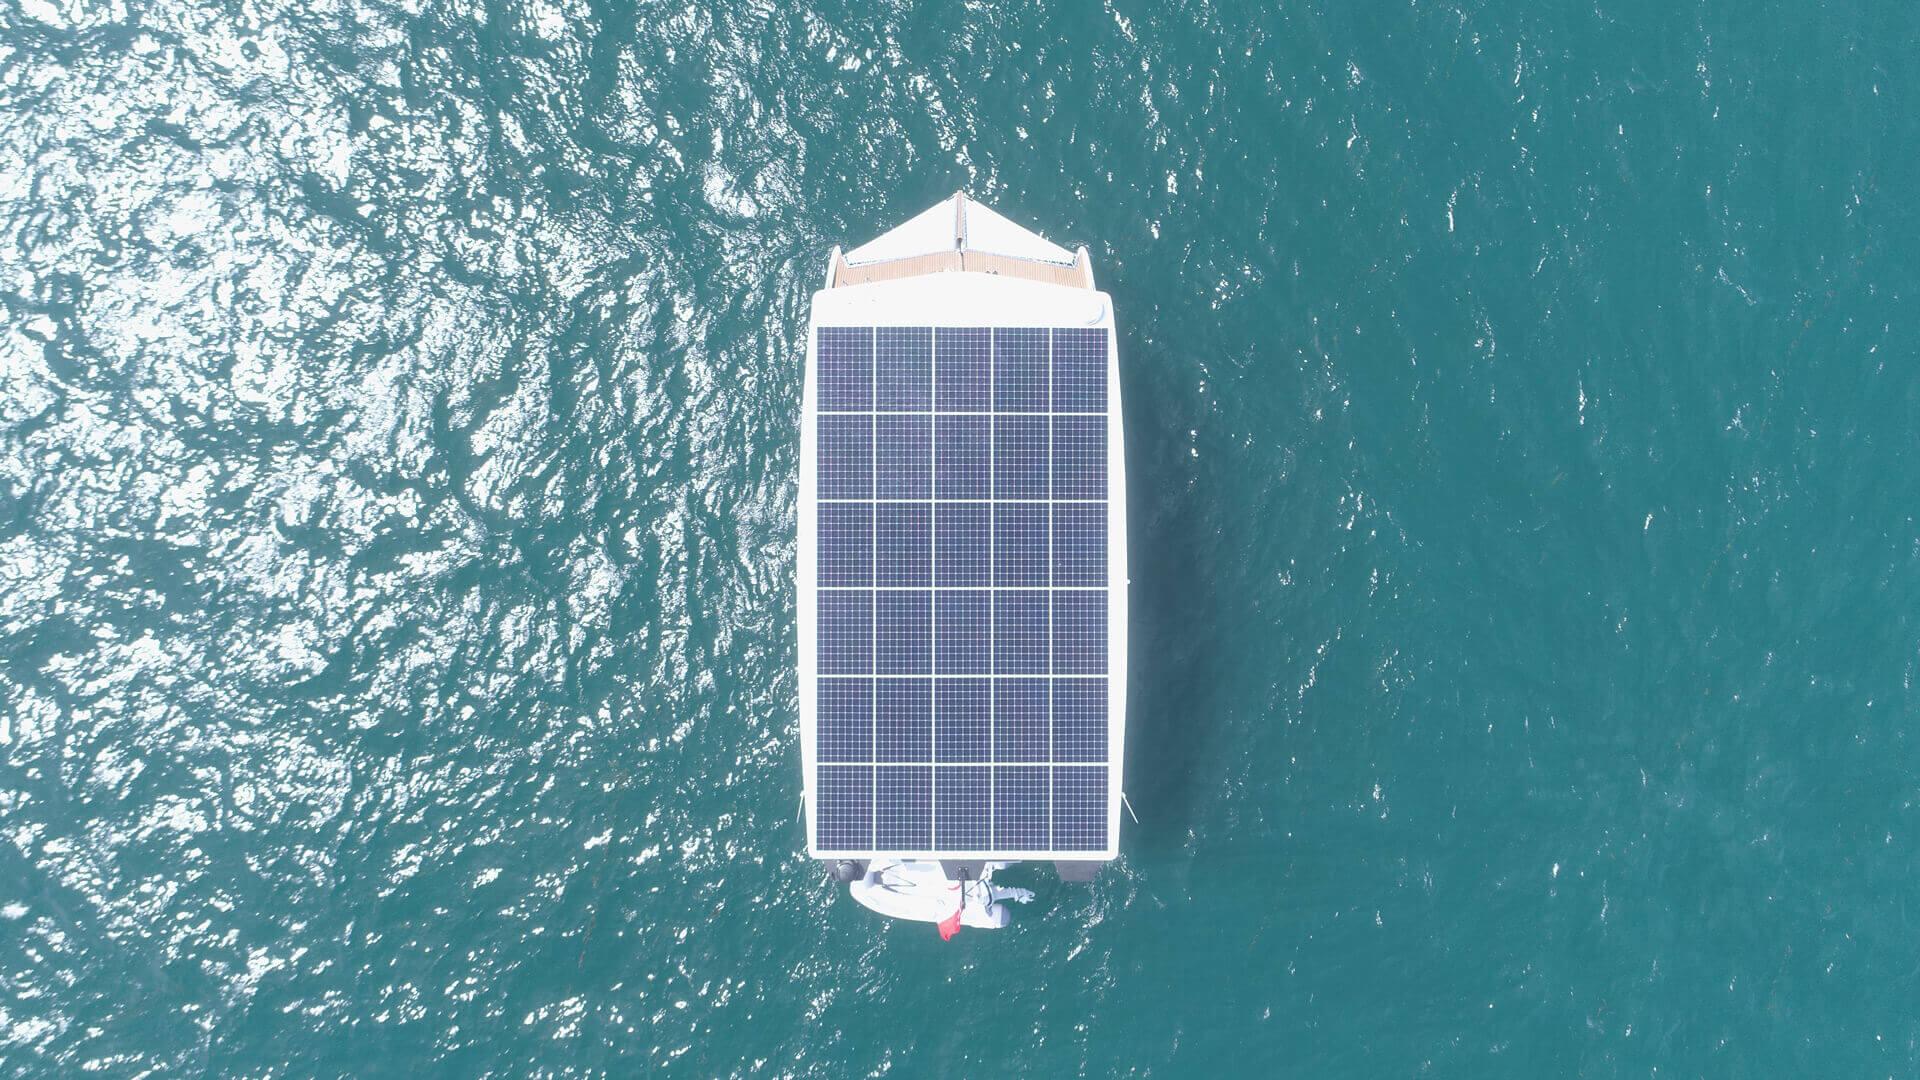 Спущена на воду первая серийная электрическая яхта на солнечной энергии